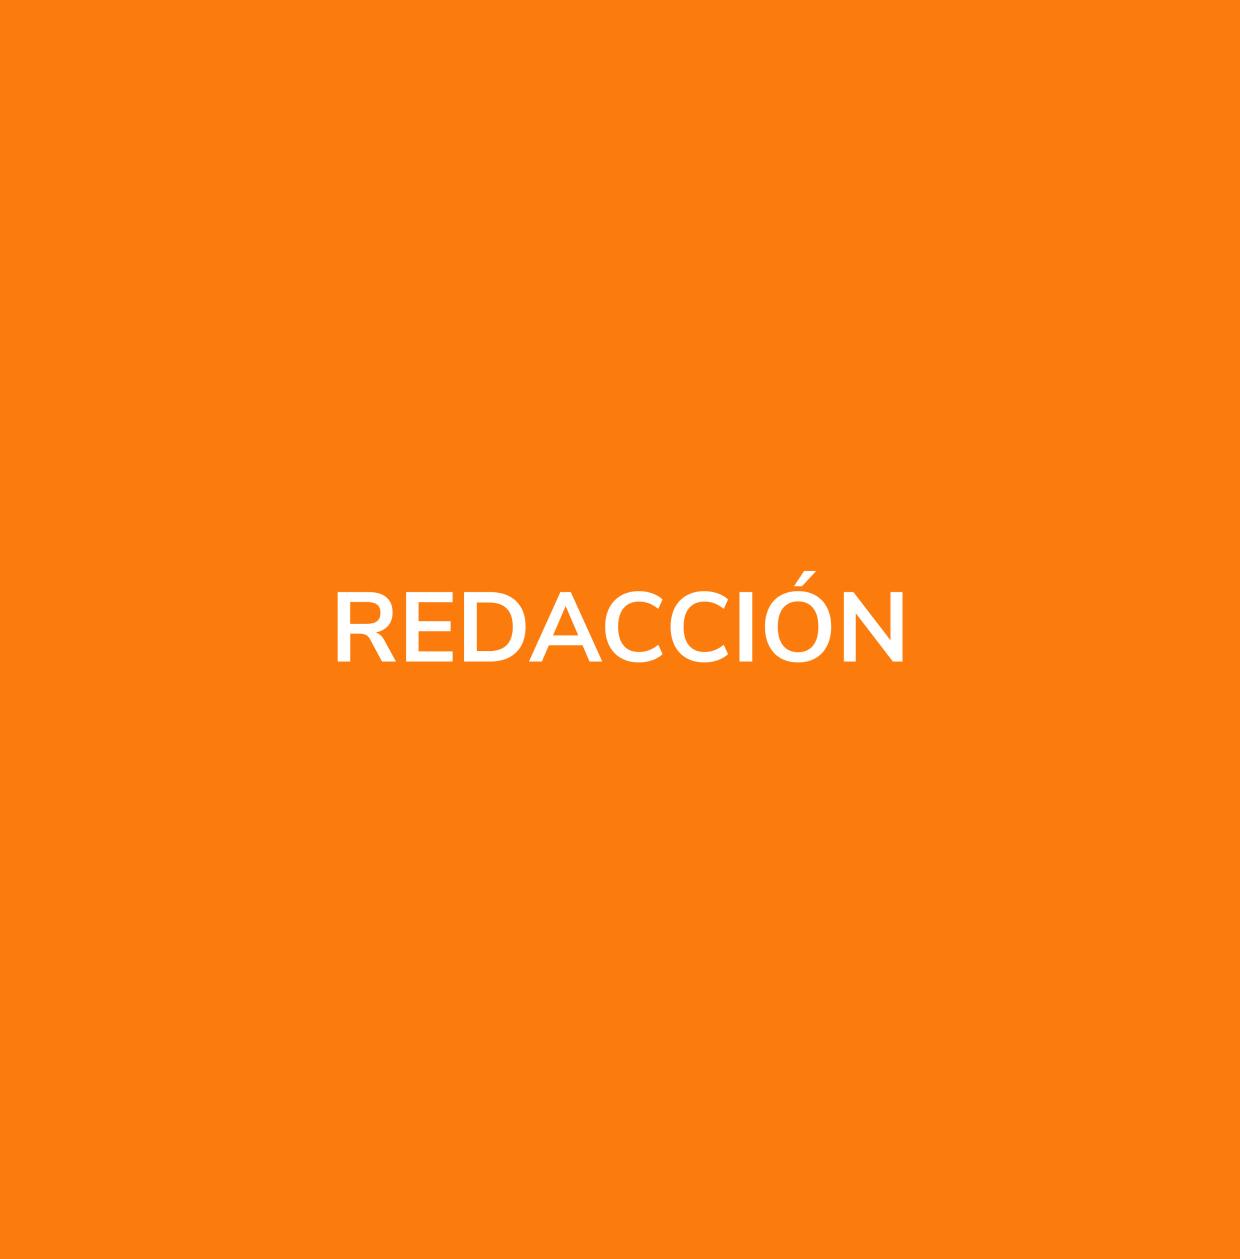 Redacción - qué incluye web